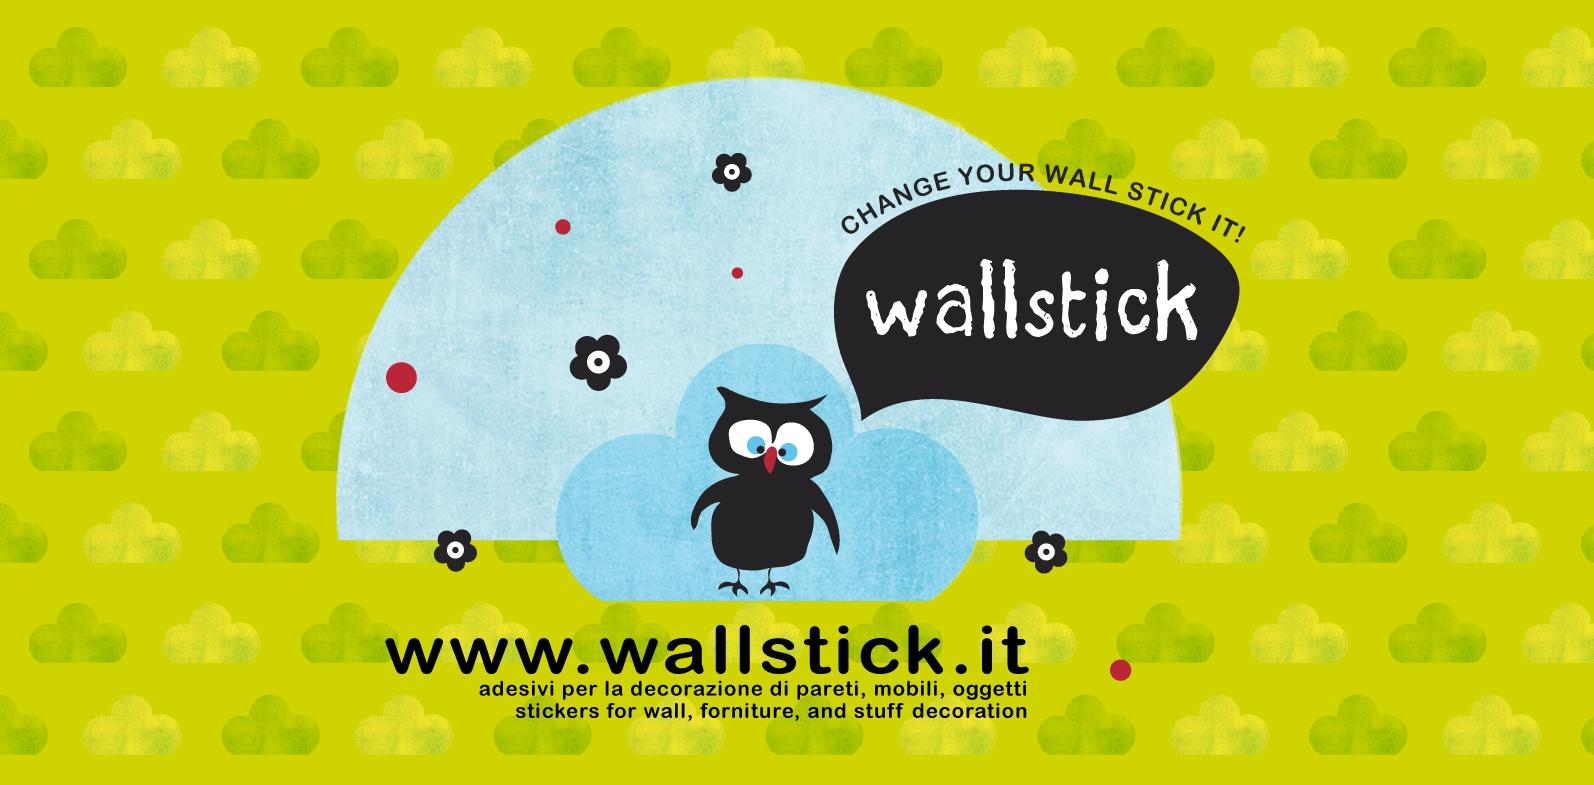 wallstick